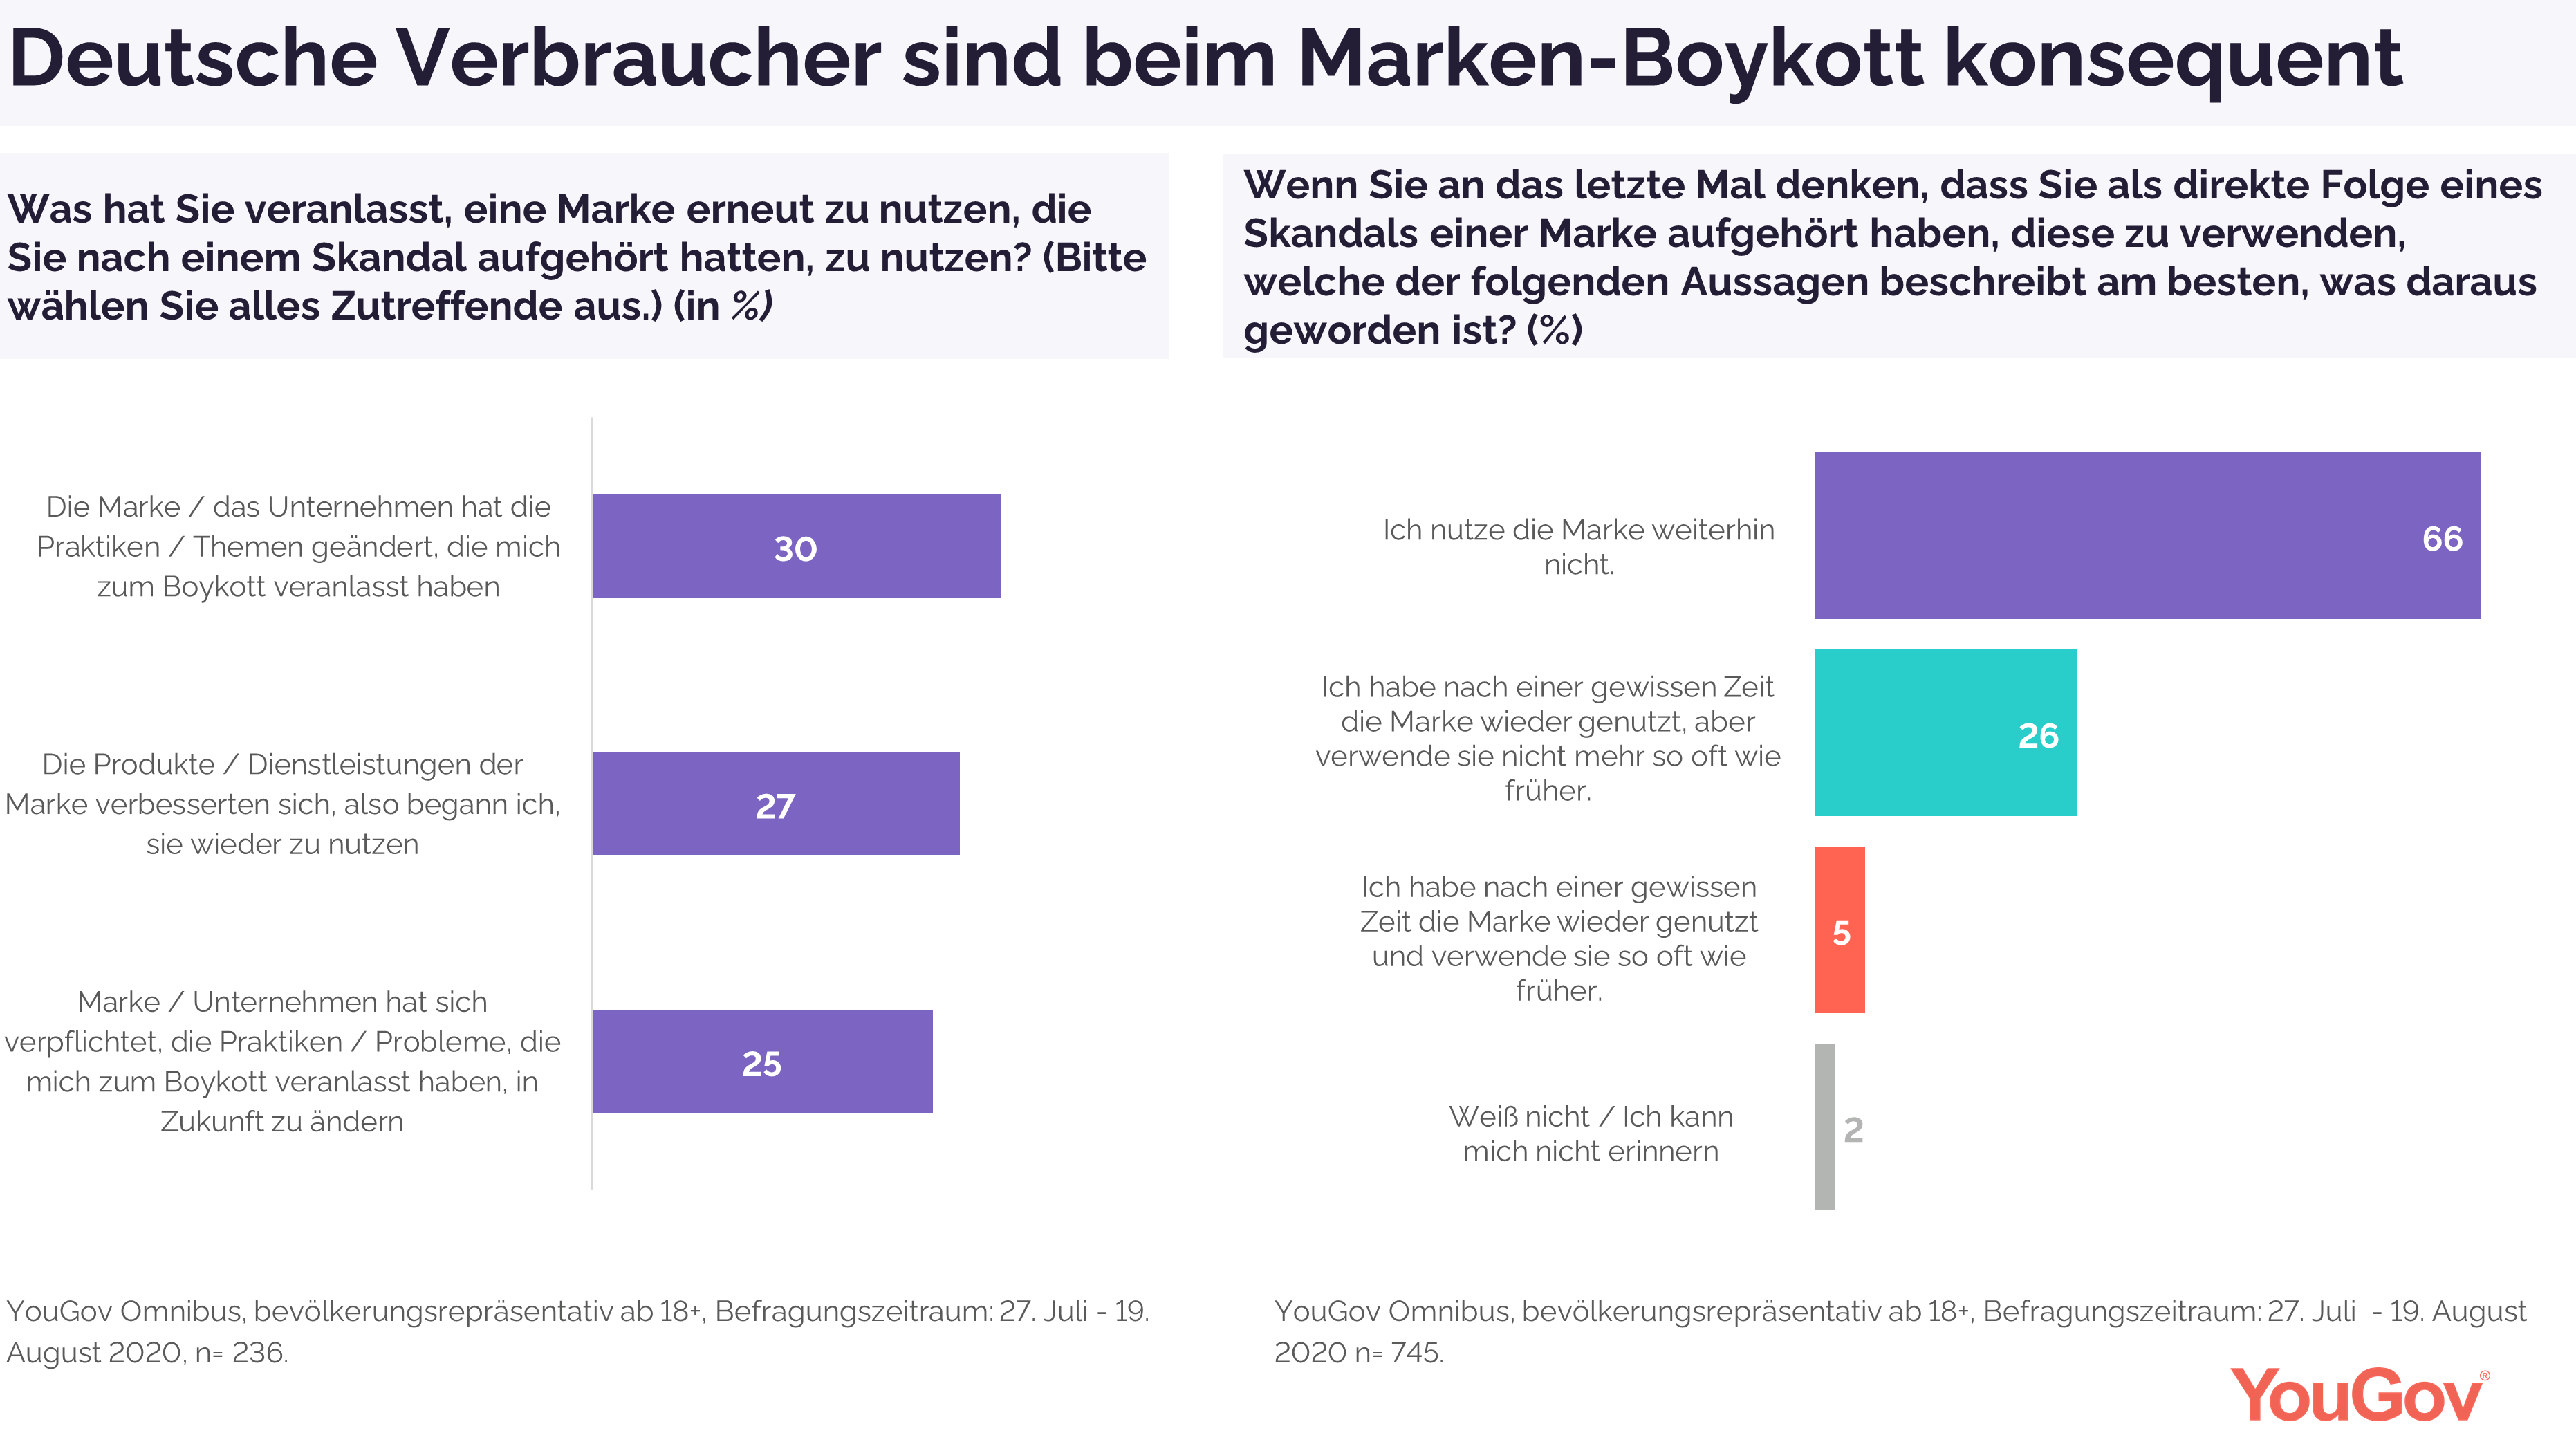 Deutsche im Boykott konsequent